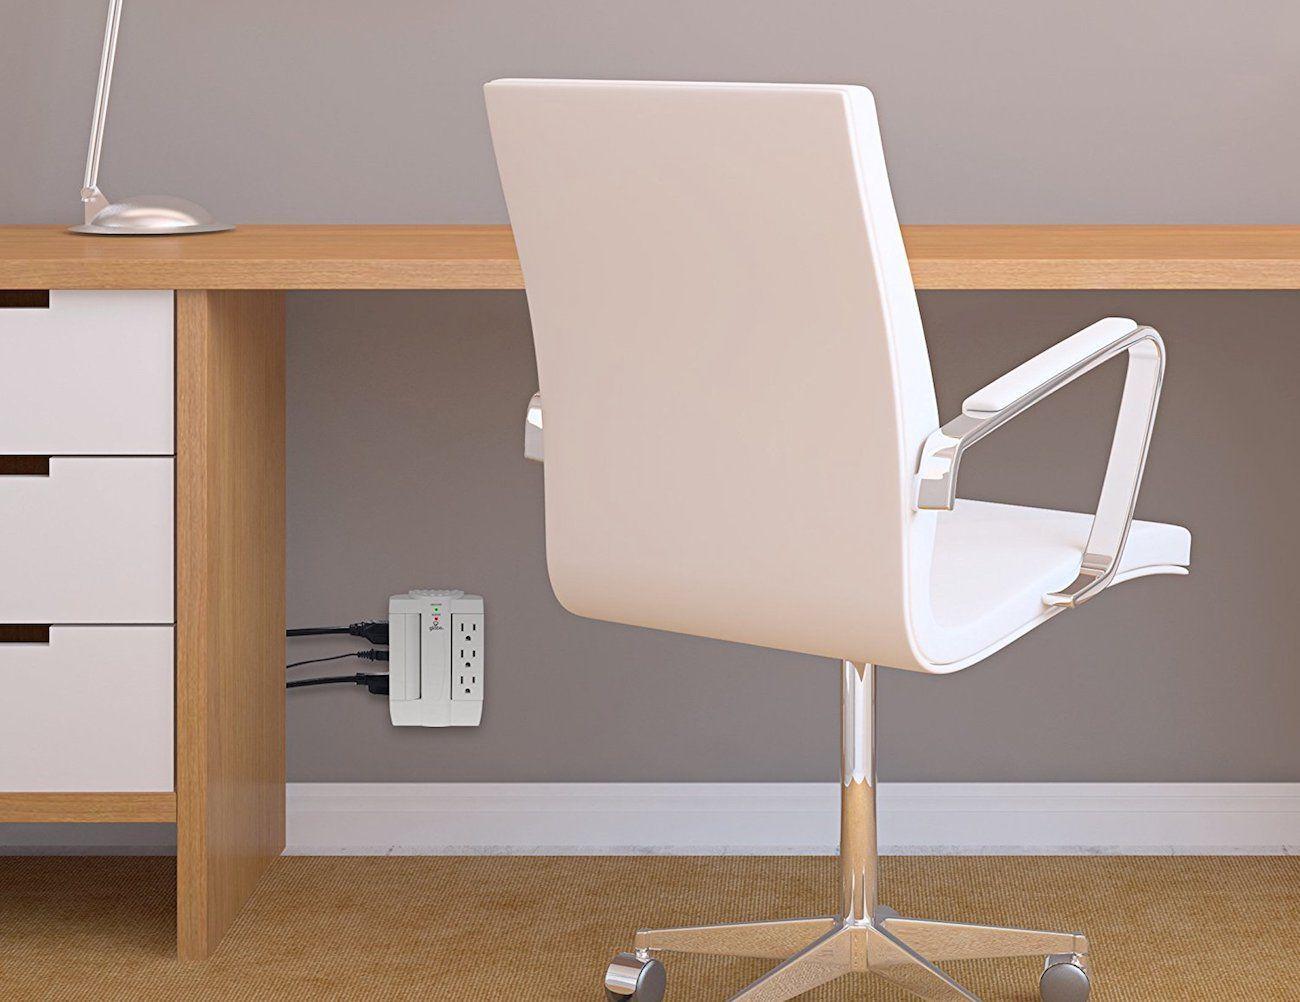 Globe Electric Swivel USB Power Strip